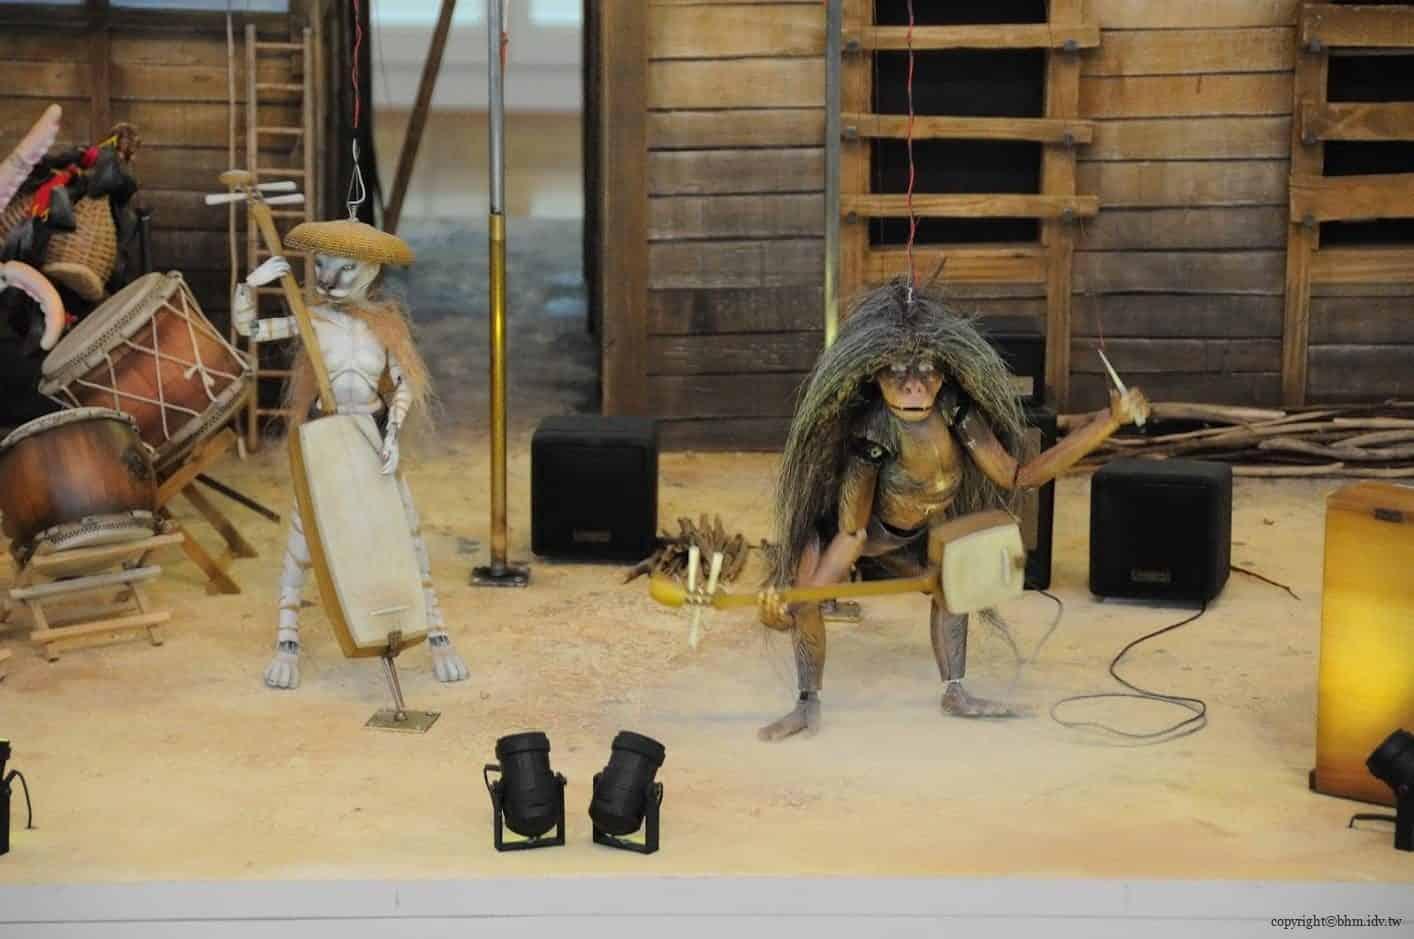 尼古拉‧達羅,上鄉樂團-四季之歌,由八爪章魚、猿人、猴子與白熊提線玩偶組成的樂隊,為前來的遊客獻唱多首關於津南四季的曲目 上鄉樂團-四季之歌 上鄉樂團-四季之歌 the kamigo band Songs for the Seasons 04 0x0